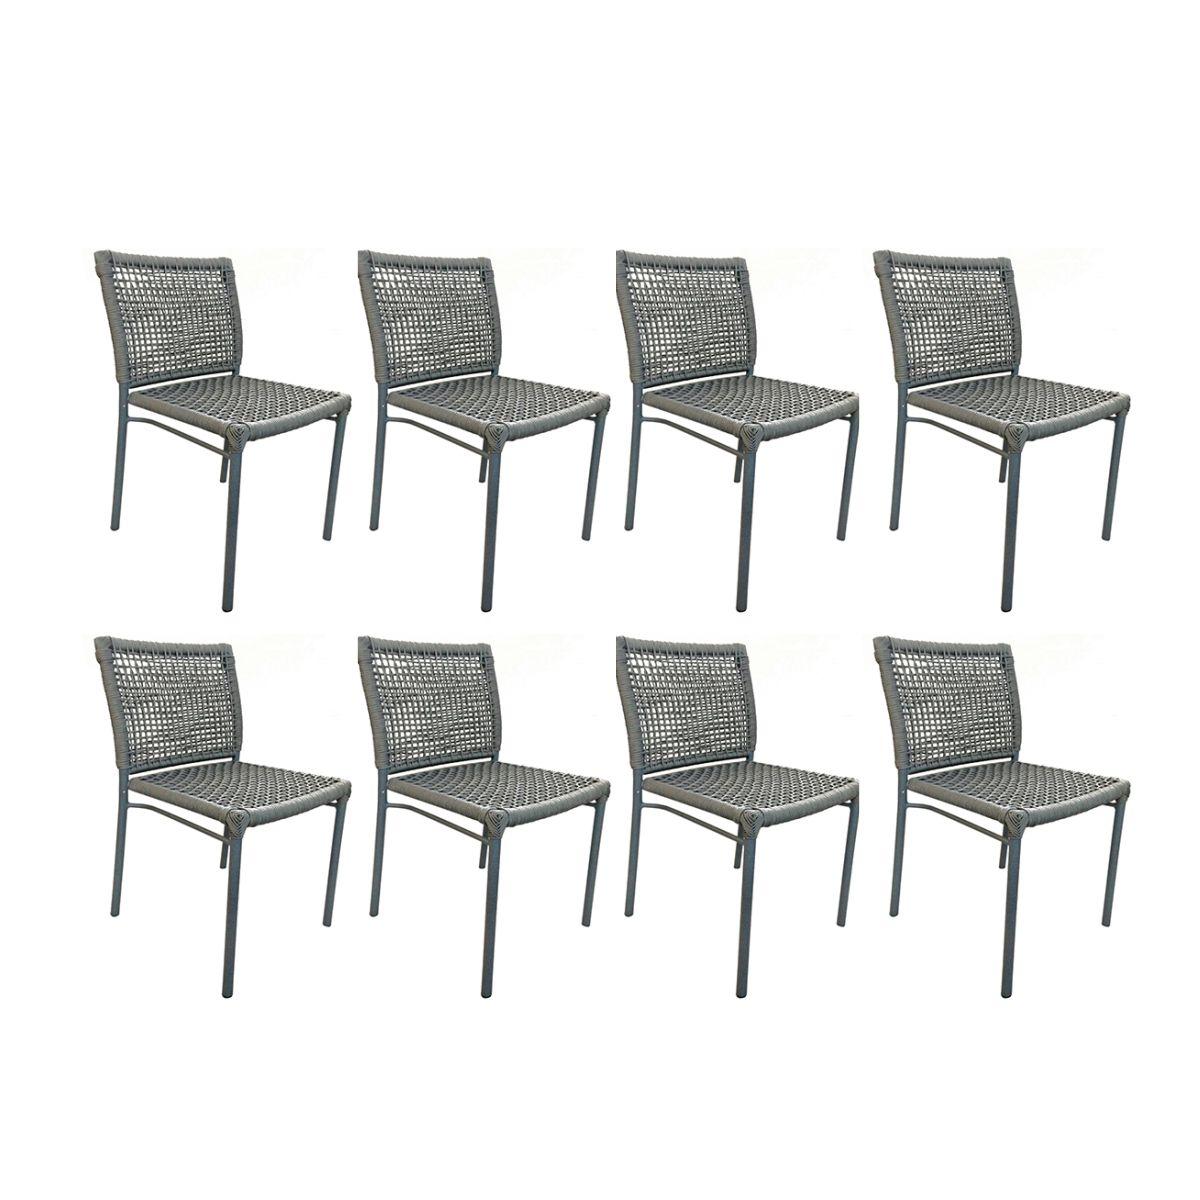 Kit com 8 Cadeiras Alteia  - ÁREA EXTERNA MÓVEIS